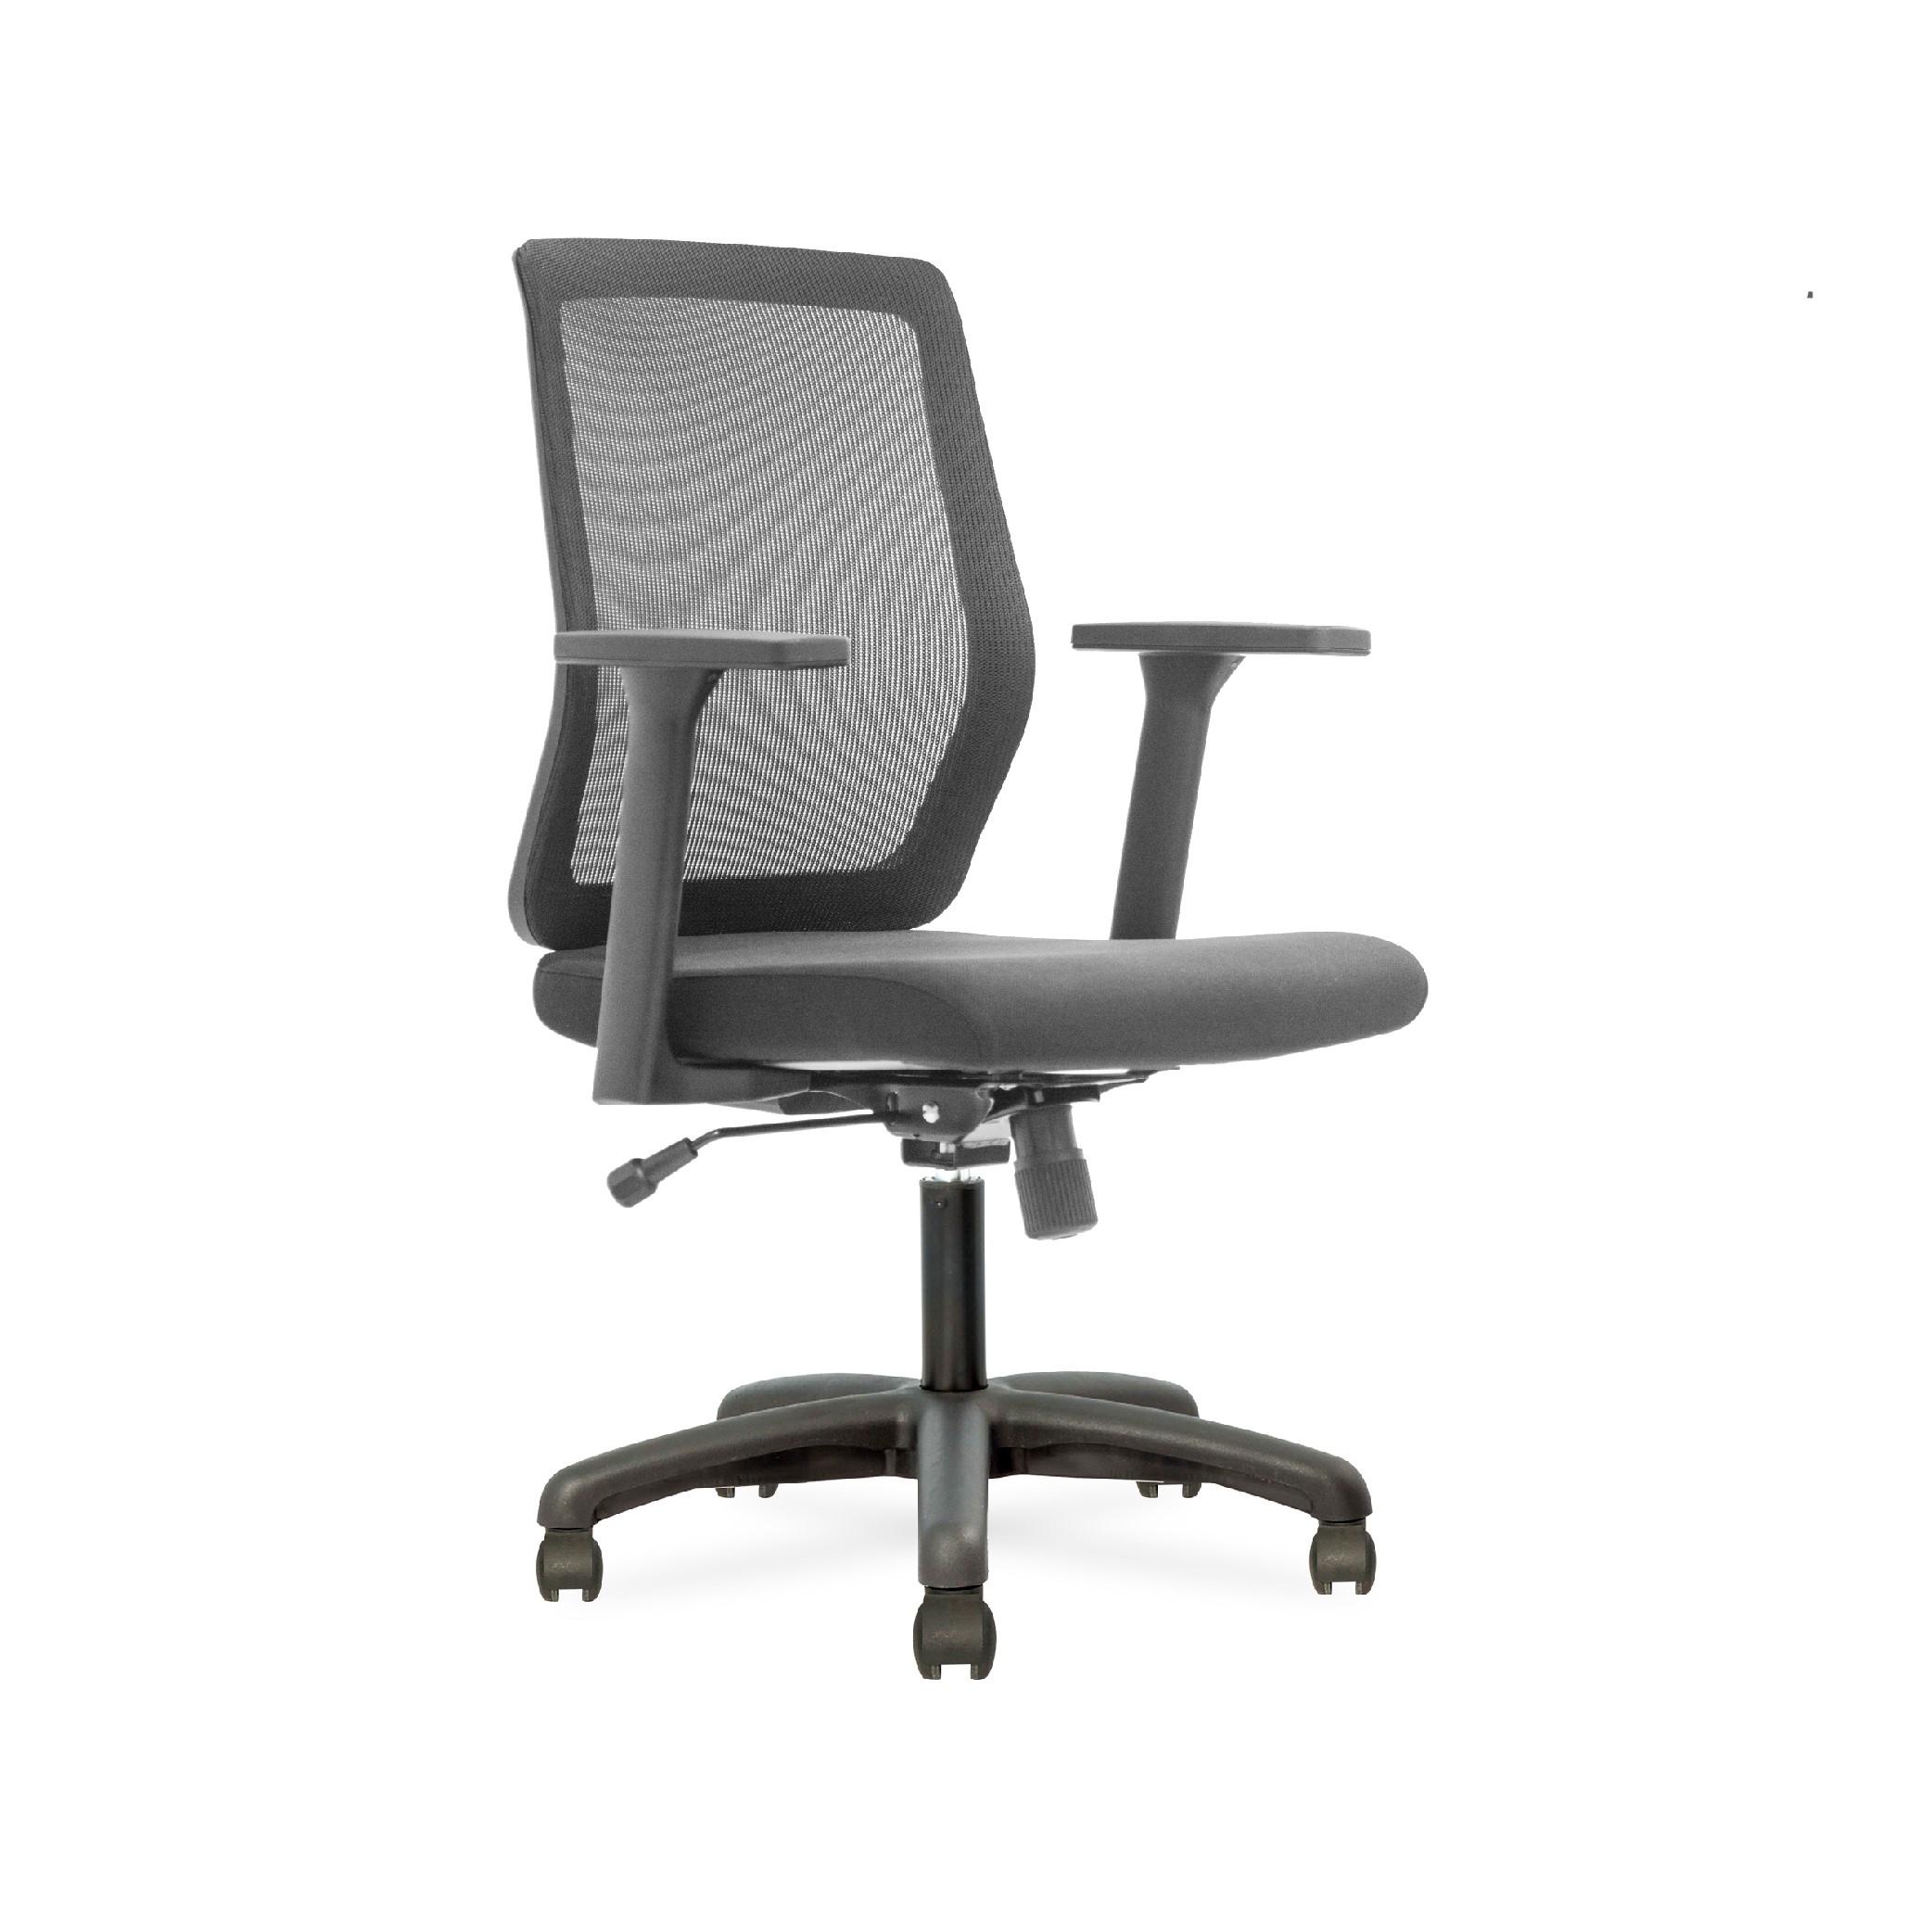 VixF – Assai 104 Chair